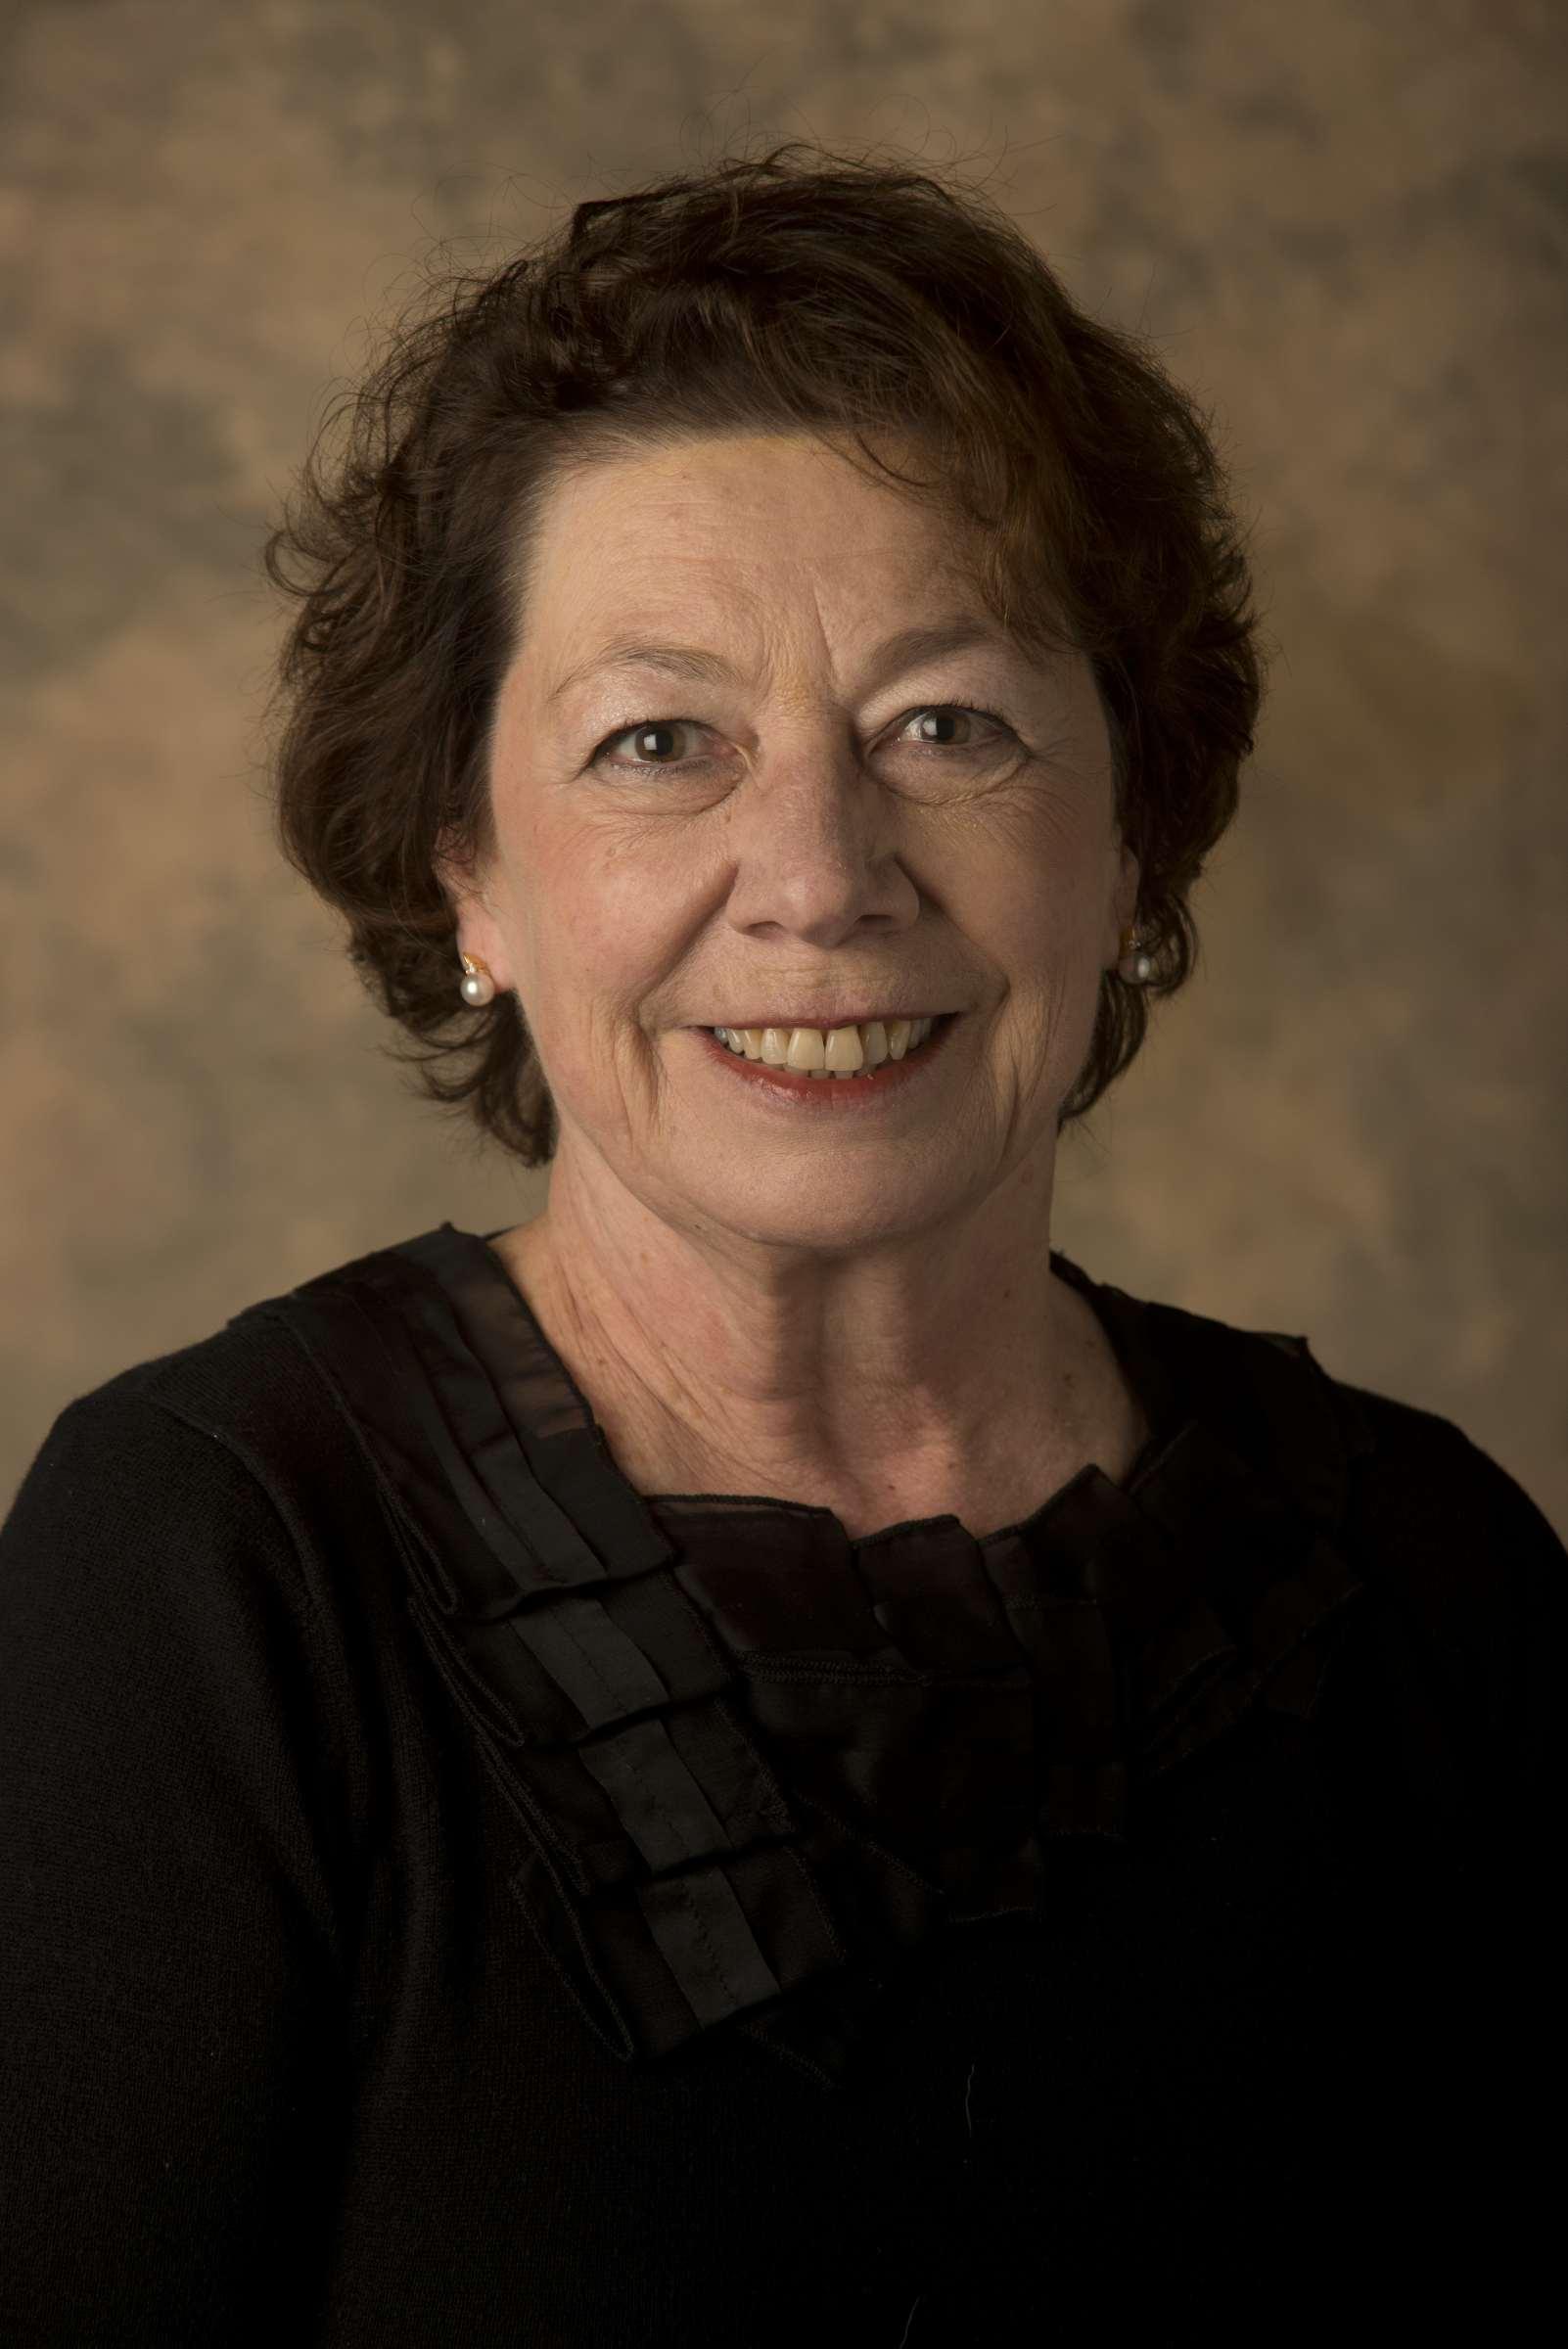 Color portrait of Anne Van Camp